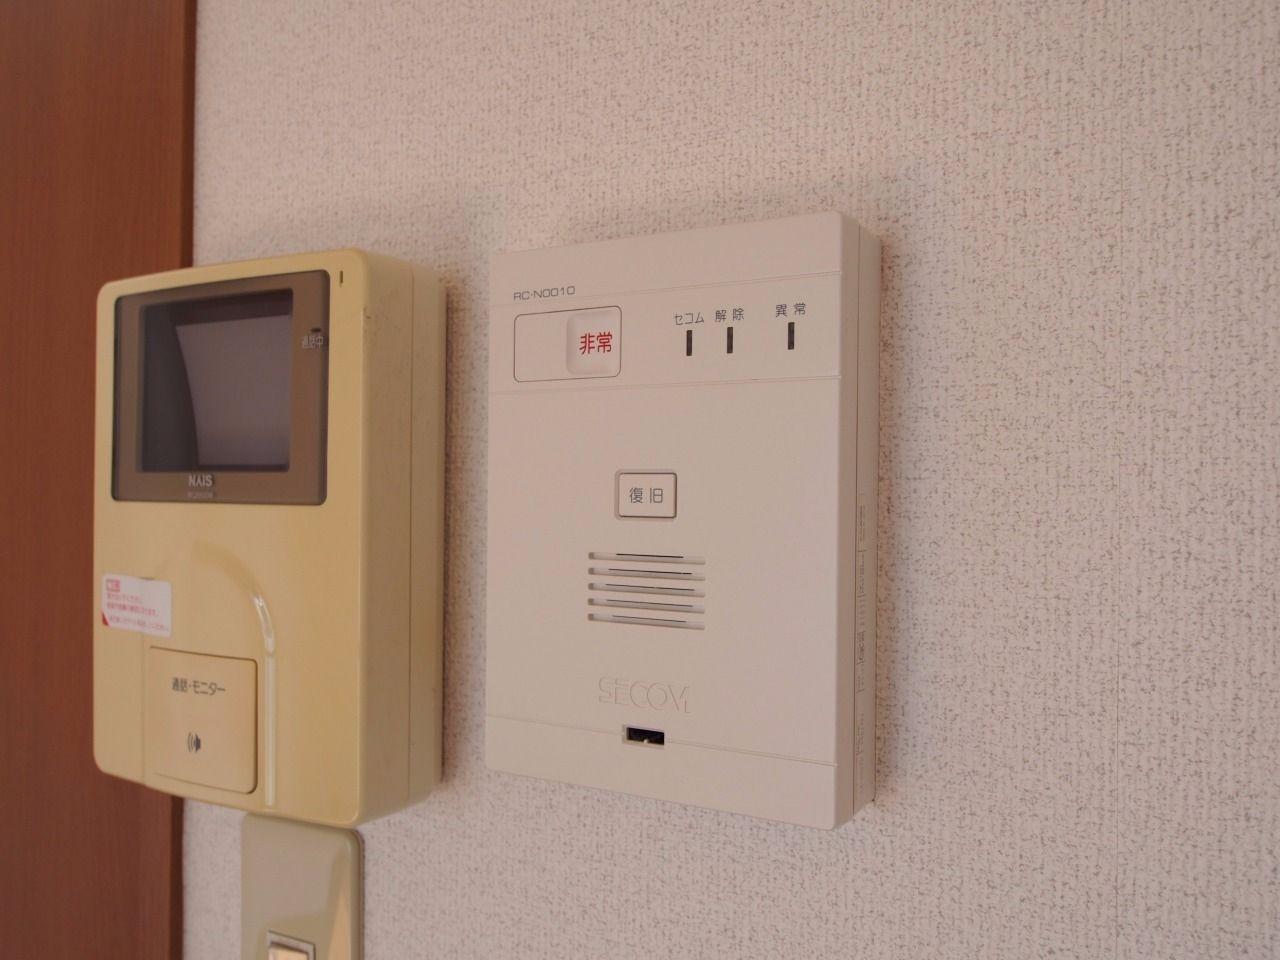 モニター付インターホンとセコムのコントローラー